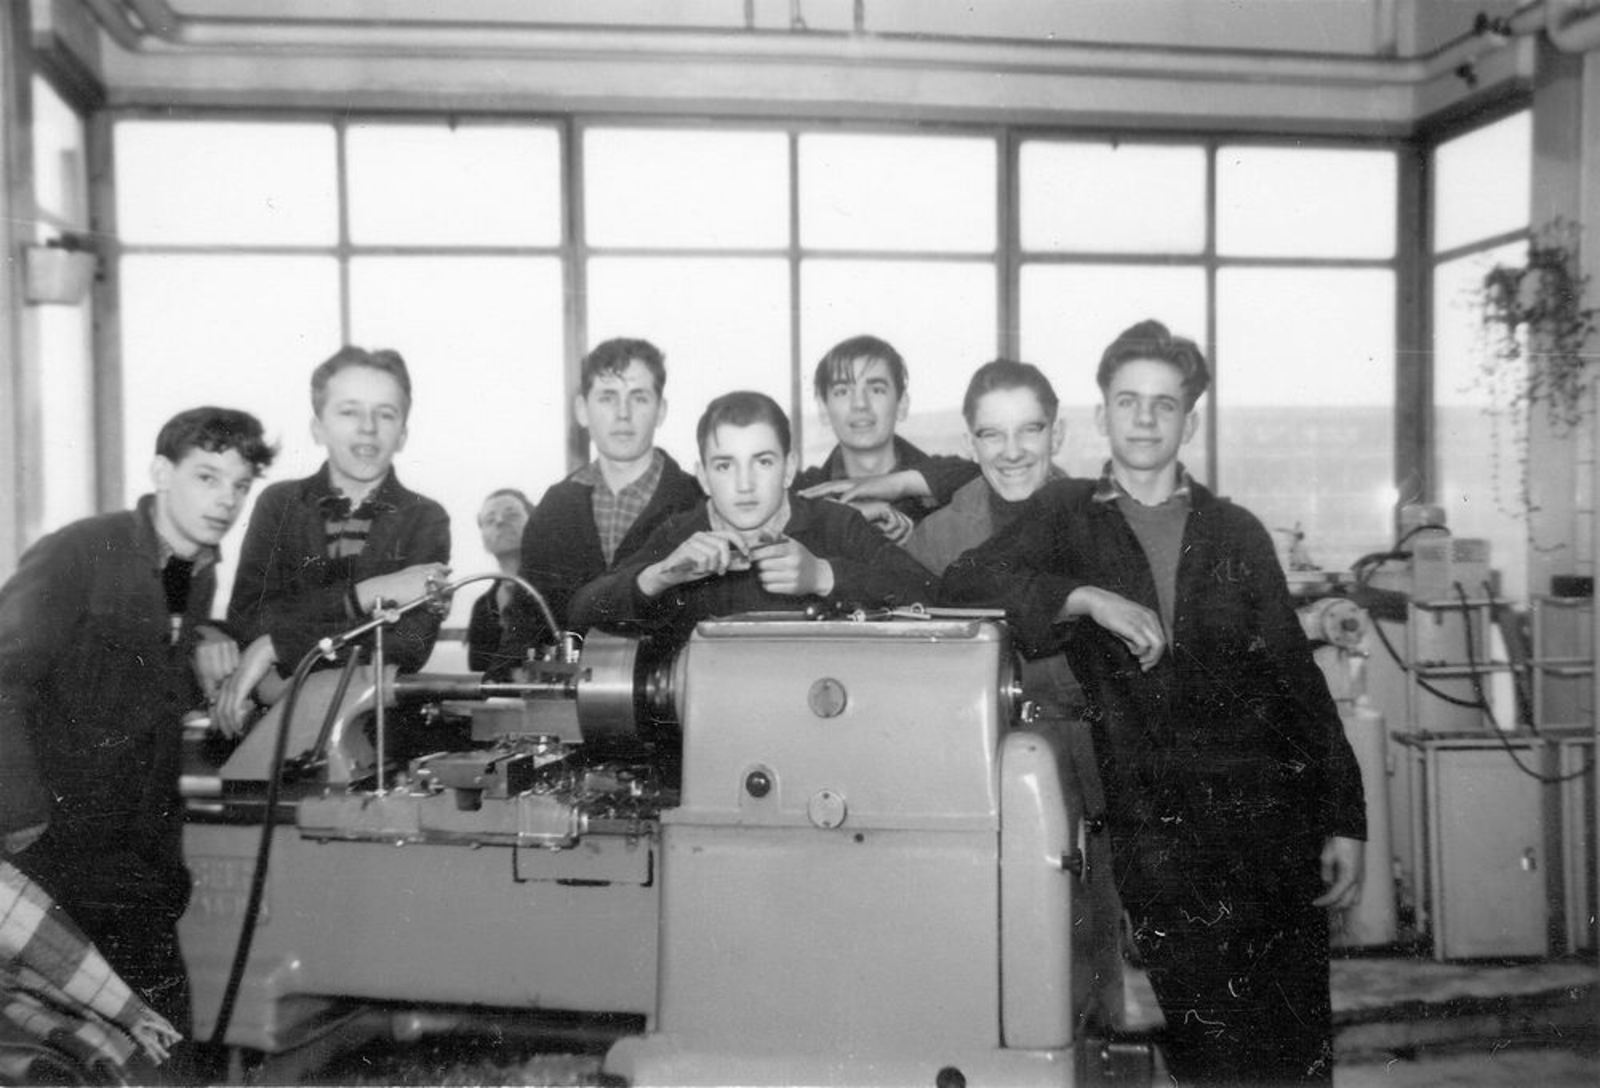 Koolbergen Aad 1941 1957± op Bedrijfsschool KLM 07